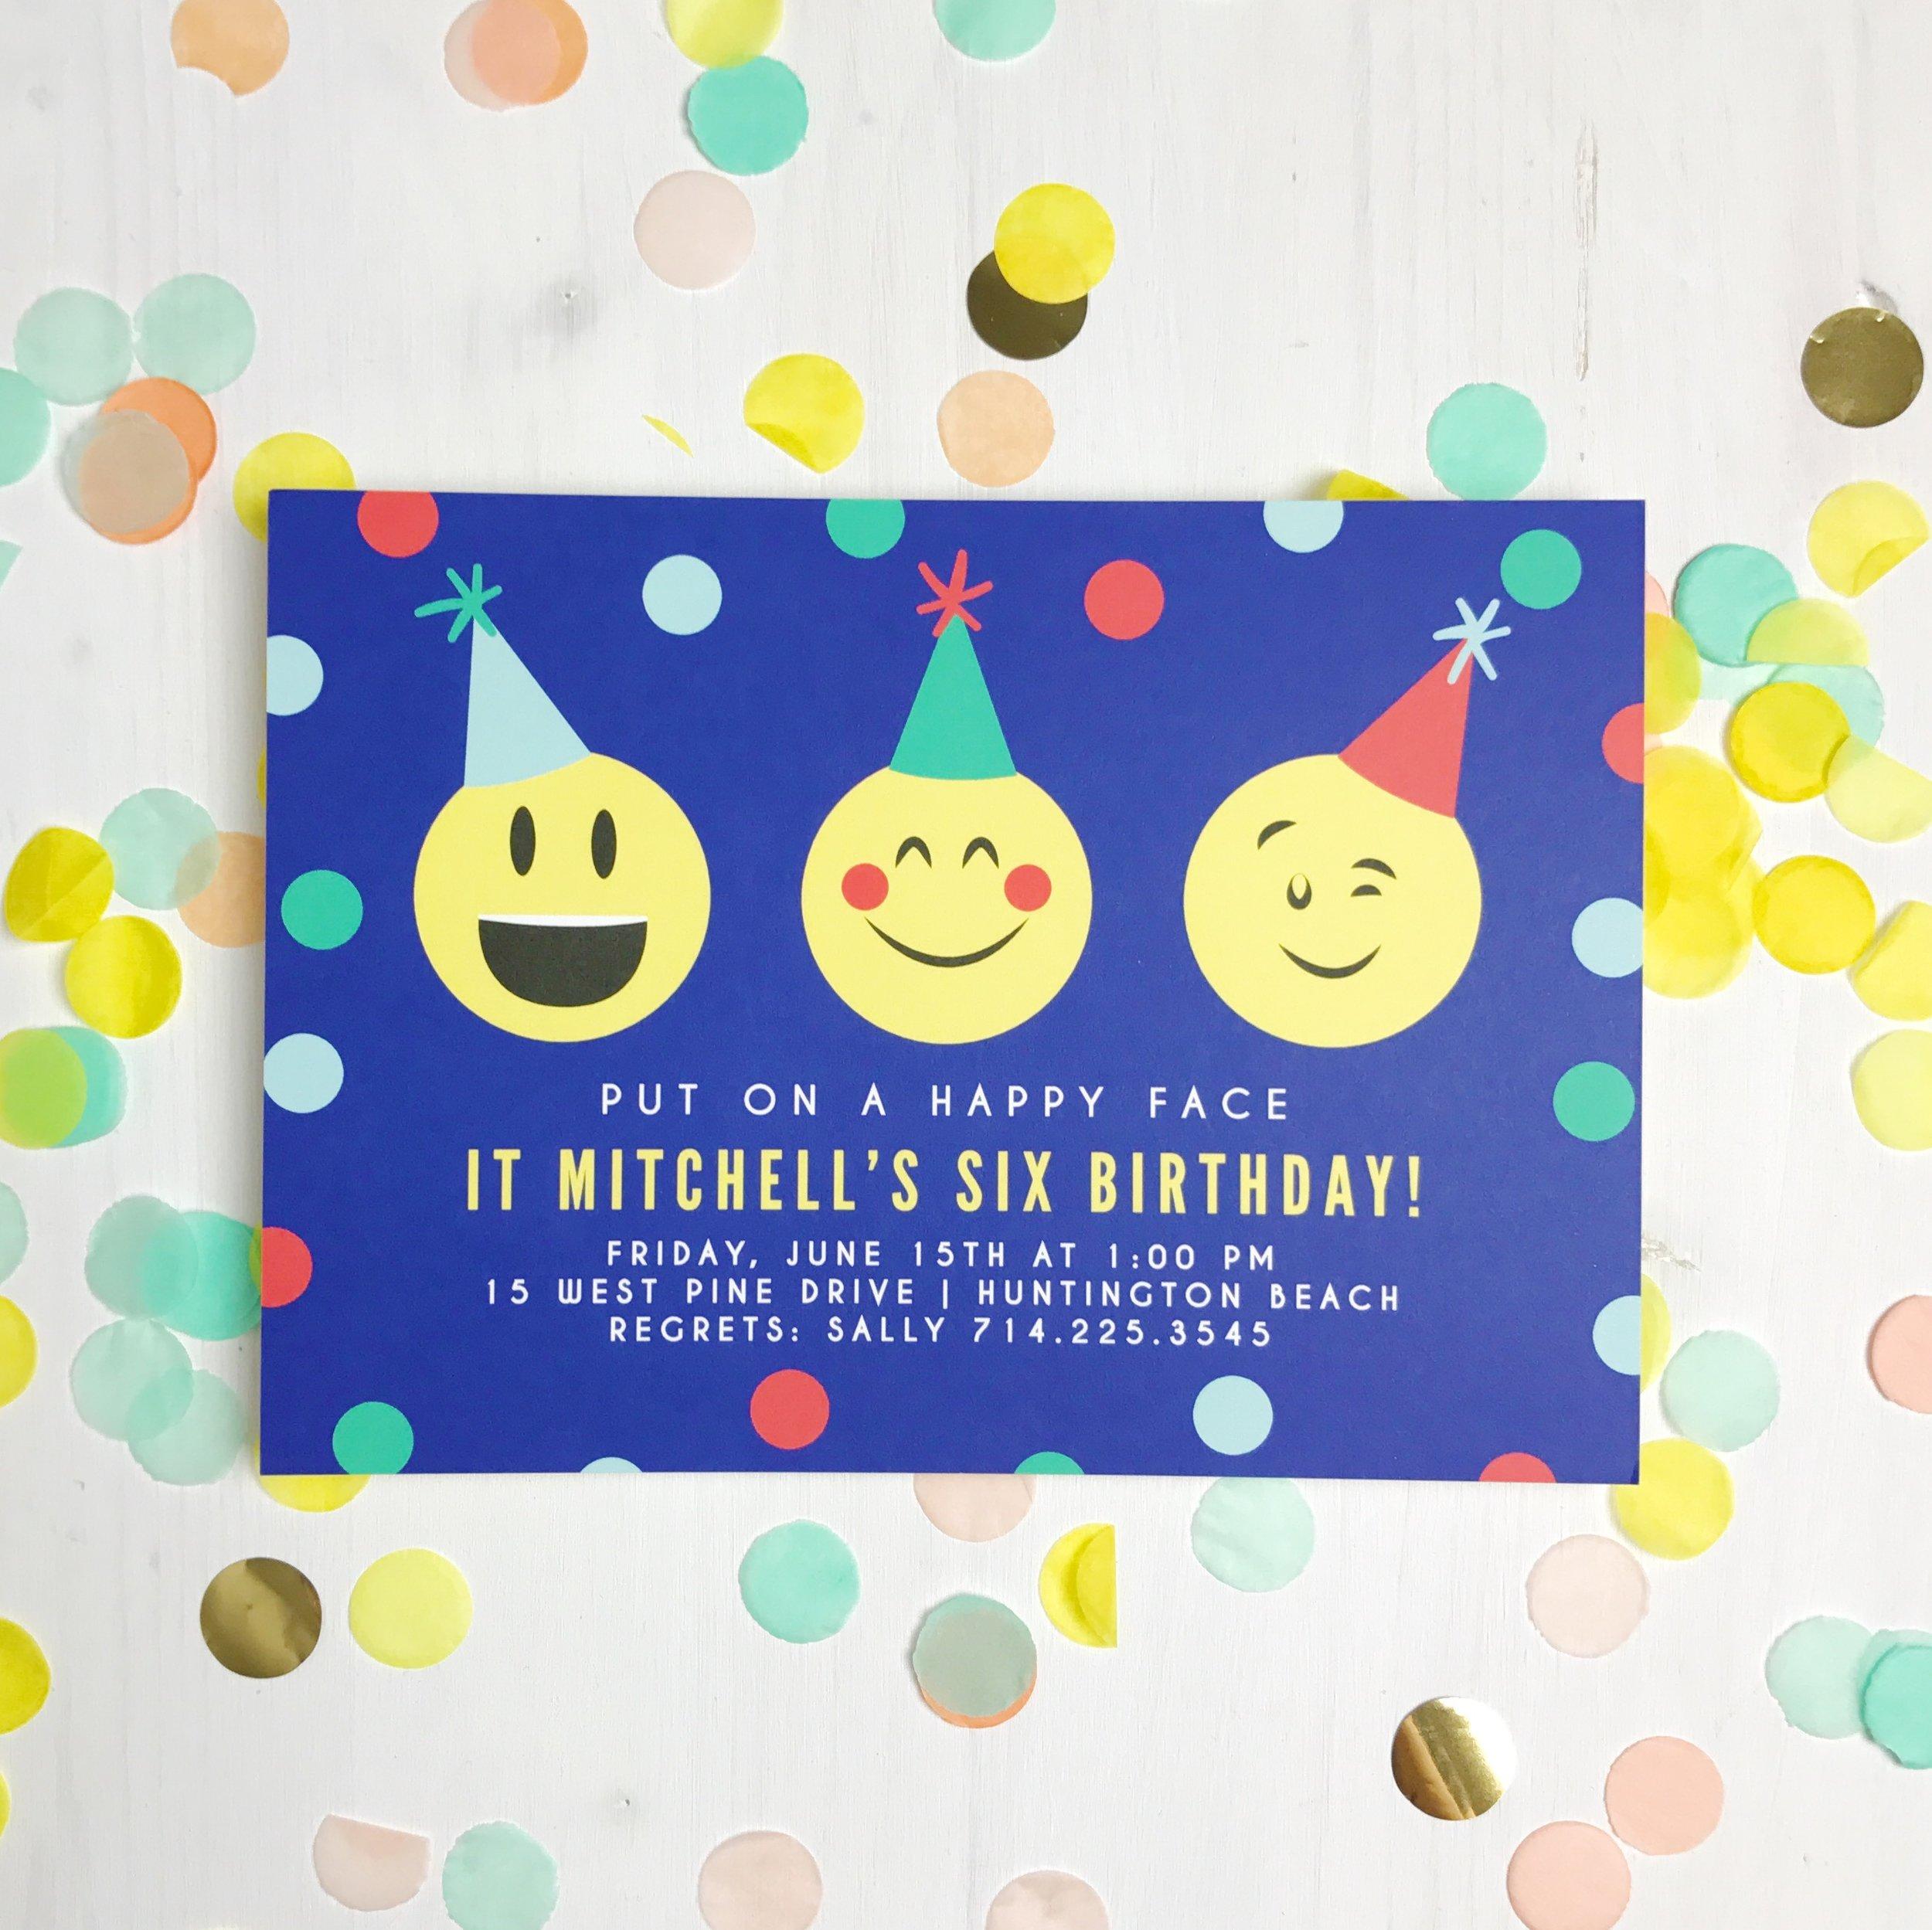 Basic_Invite_Birthday_Party_Invitations_7.jpg